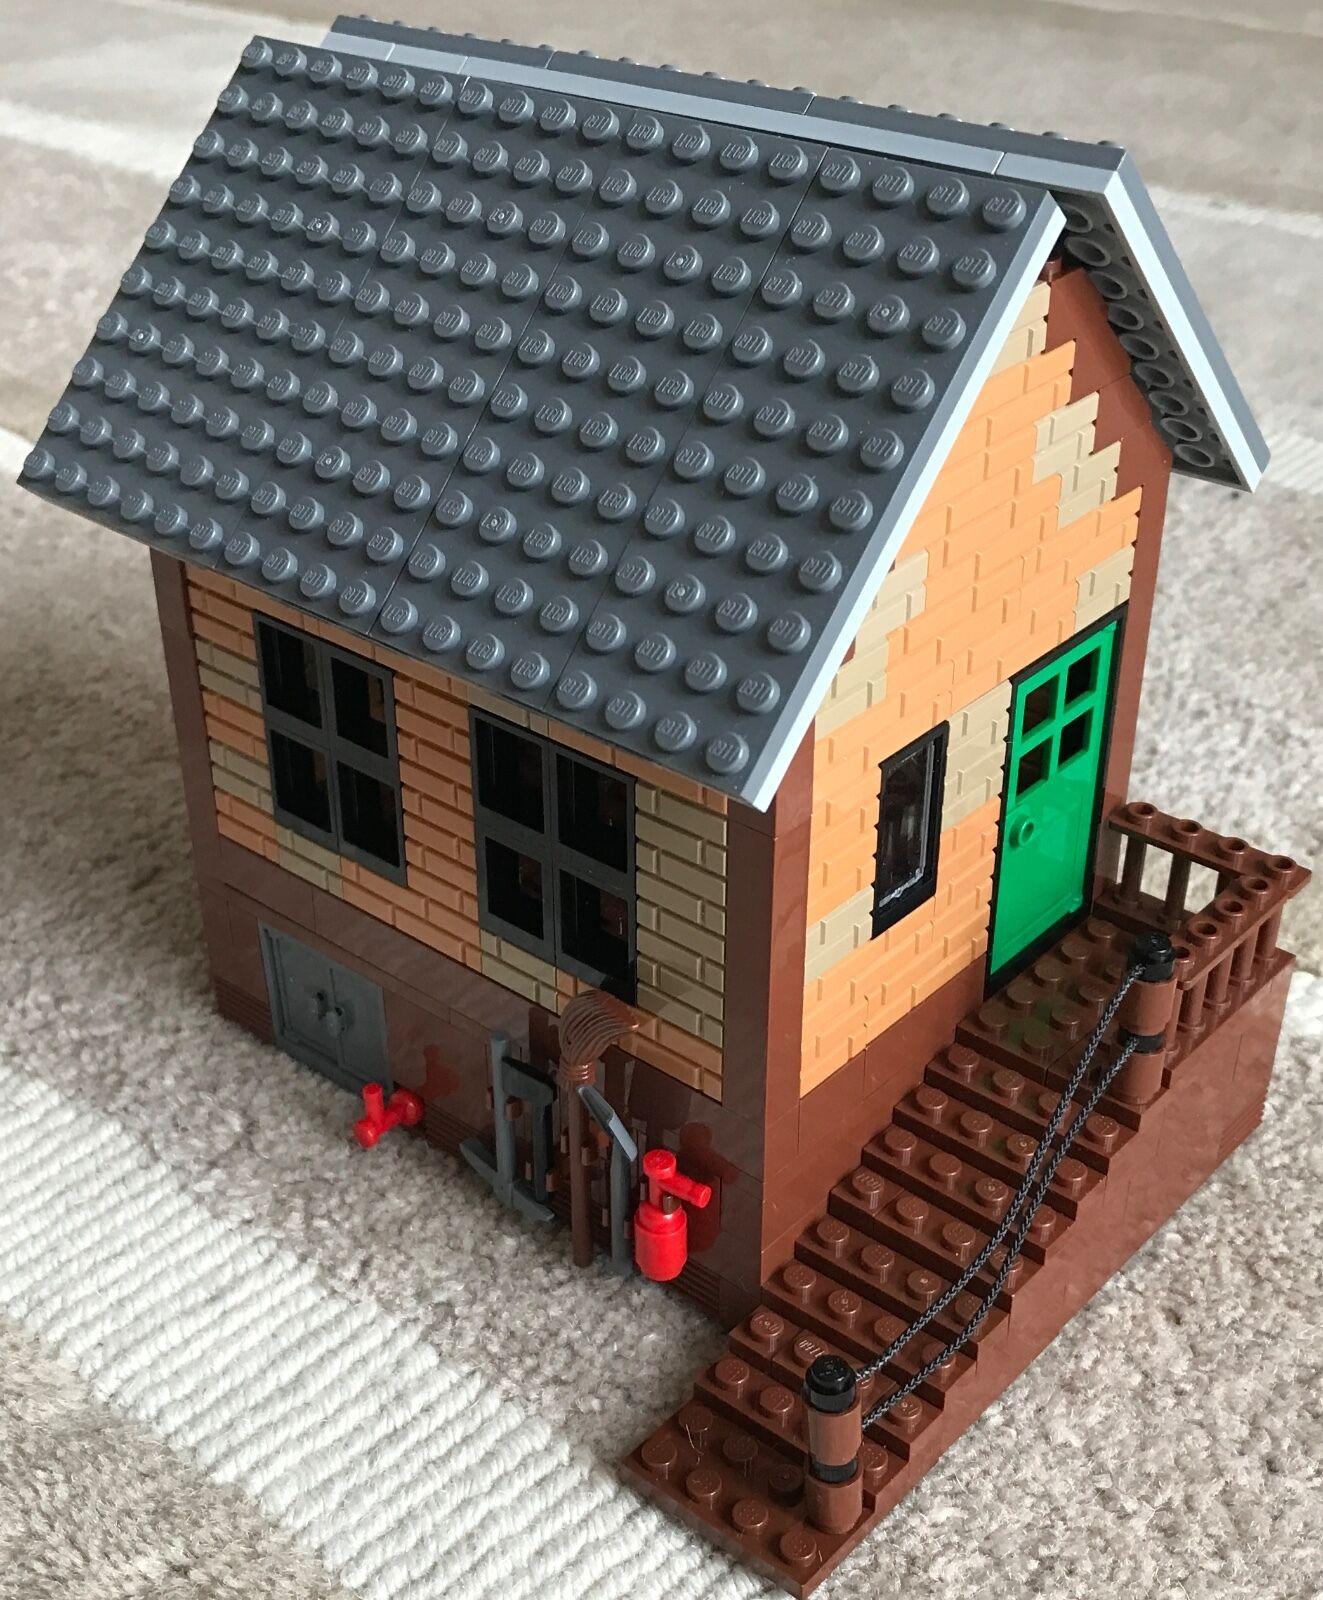 Lego Piezas Originales-inglés Estación de de de Ferrocarril-pequeña casa de ladrillo Madera Escaleras  alta calidad y envío rápido